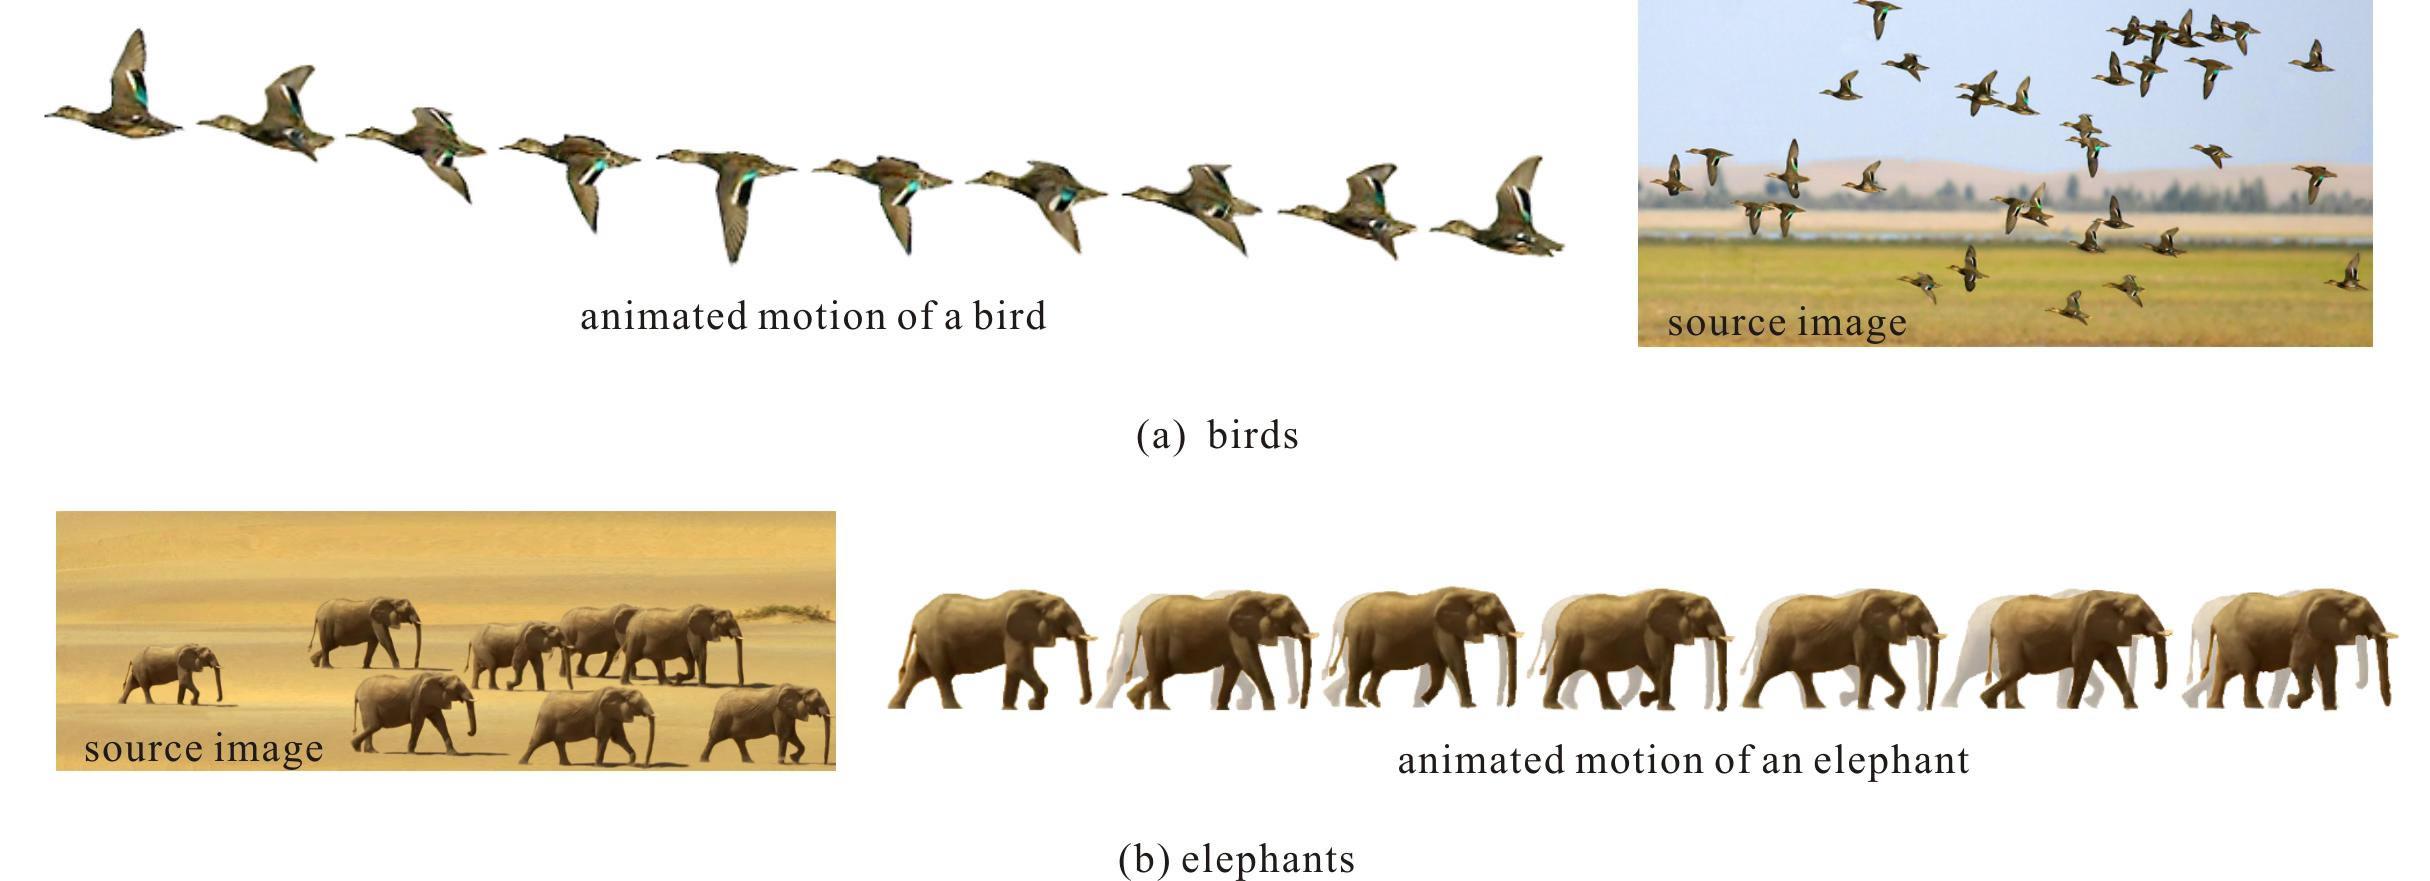 單憑一幅攝有一群同一品種動物的照片,系統就能推斷出動物的移動並造出逼真流暢的動畫